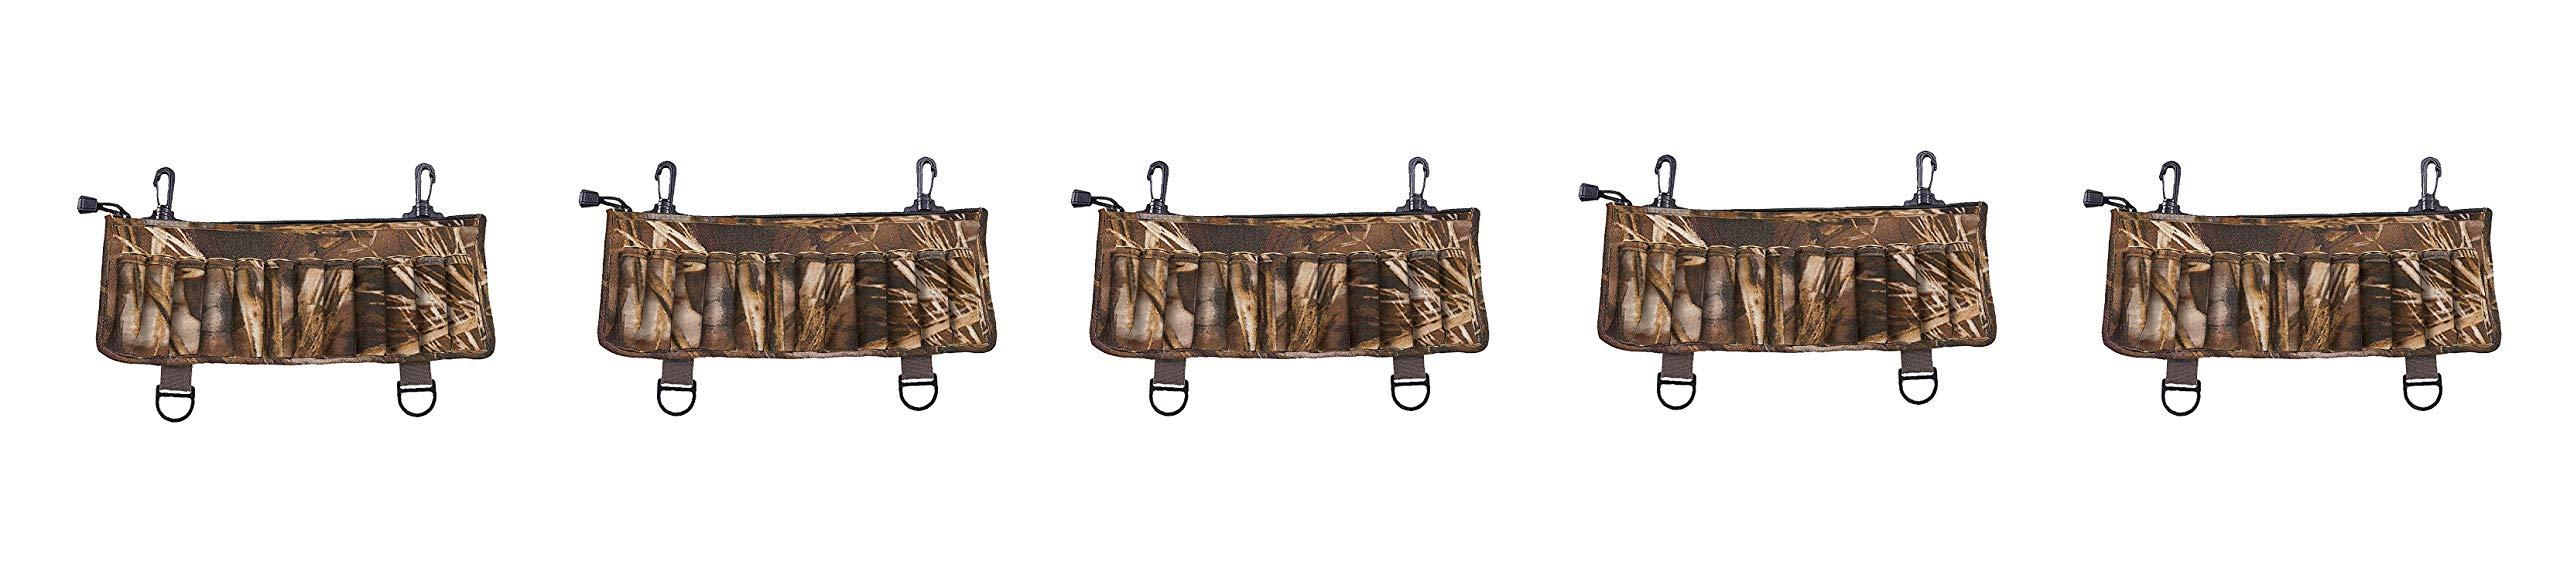 Allen Neoprene Clip-On 24 Shotshell Holder, Realtree MAX-5 Camo (Pack og 5) by Allen Company